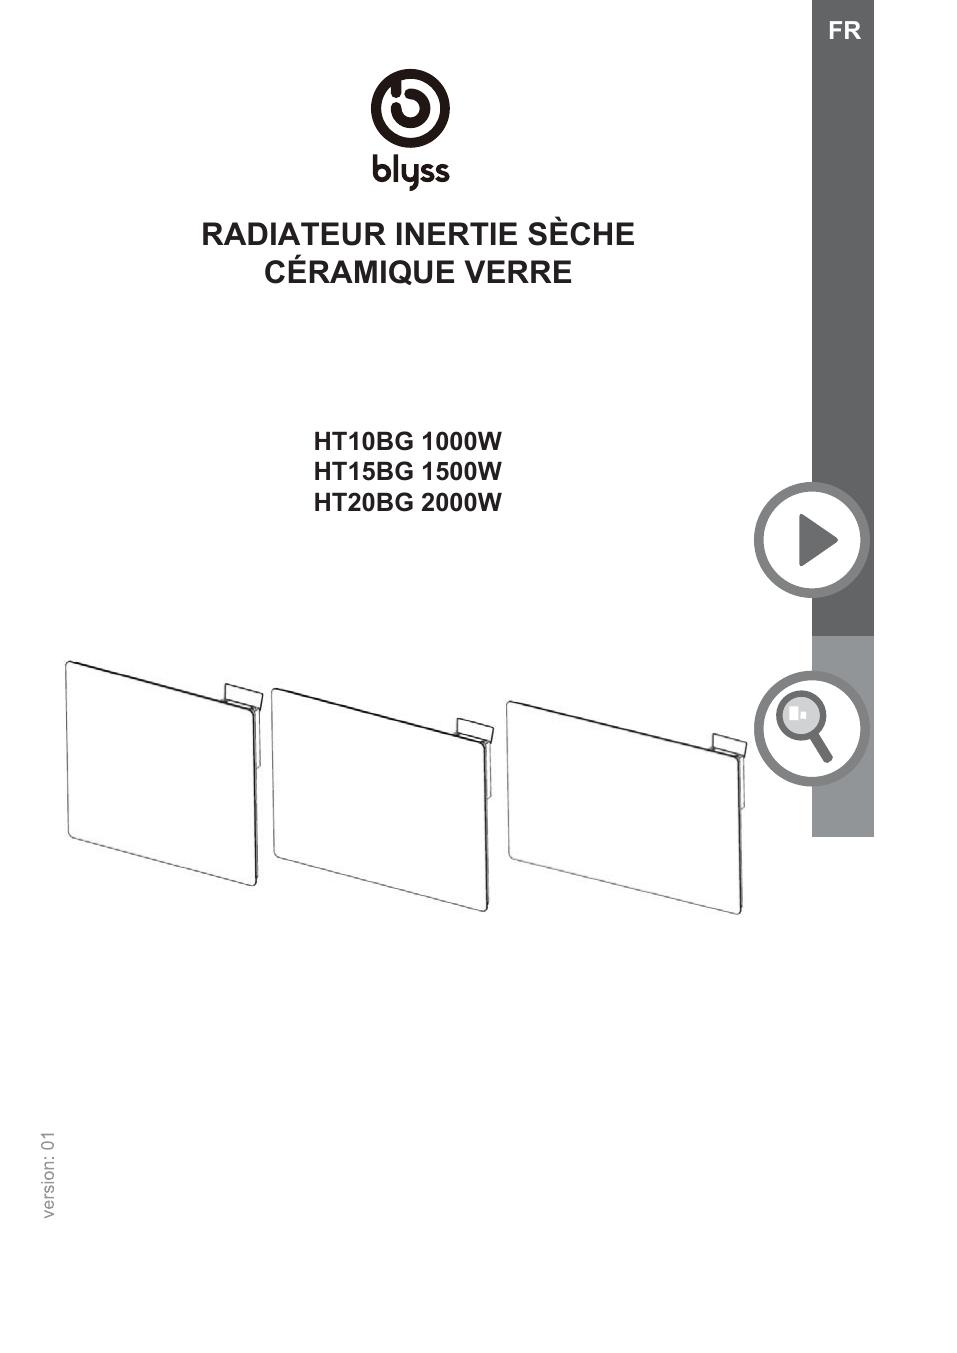 Blyss Ht20gb Manual Manualzz